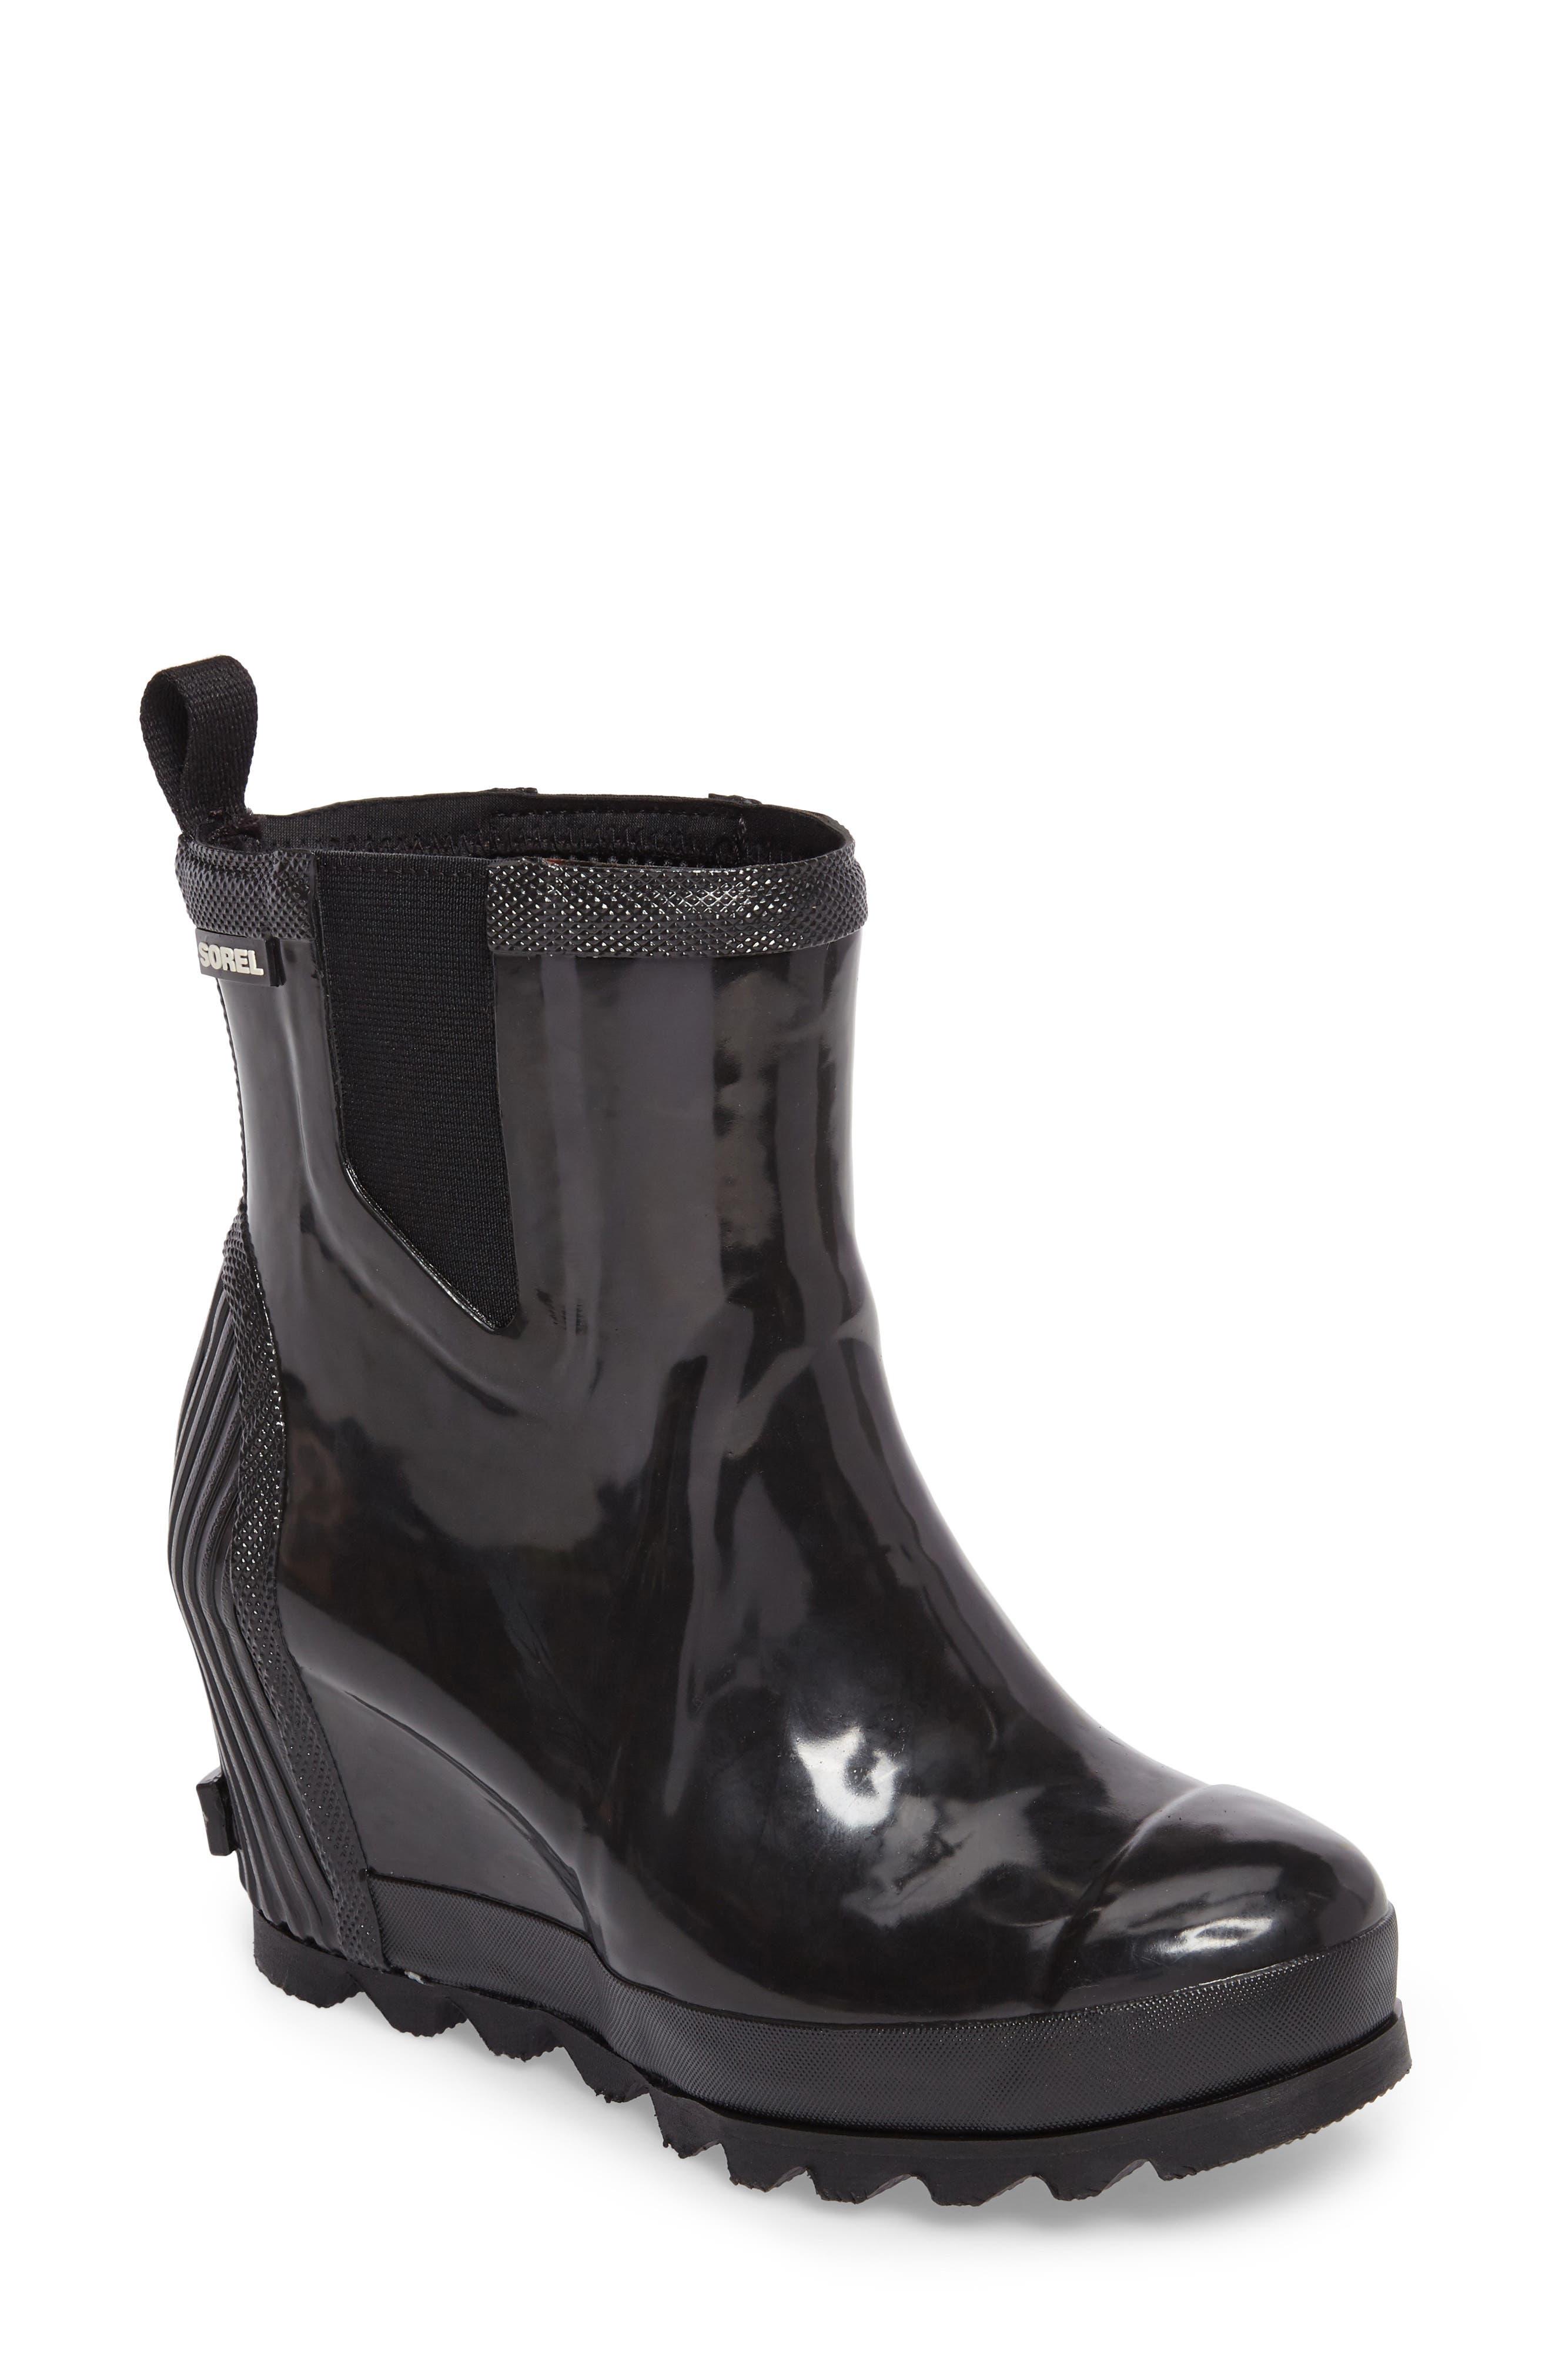 SOREL Joan Glossy Wedge Waterproof Rain Boot, Main, color, BLACK/ SEA SALT